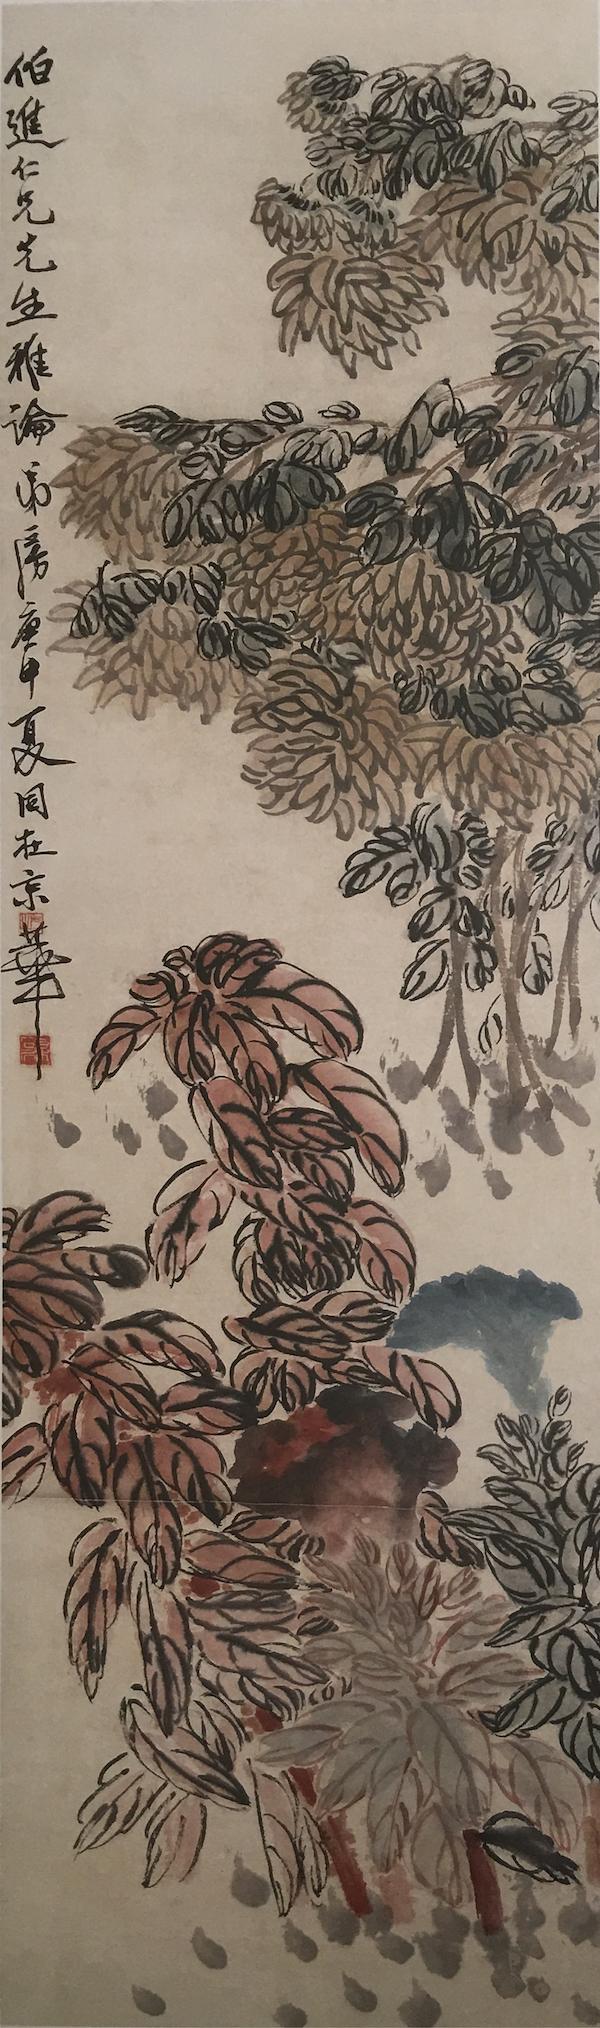 (图十五)齐白石,《秋色图》,纸本设色,1920年,北京市文物公司藏